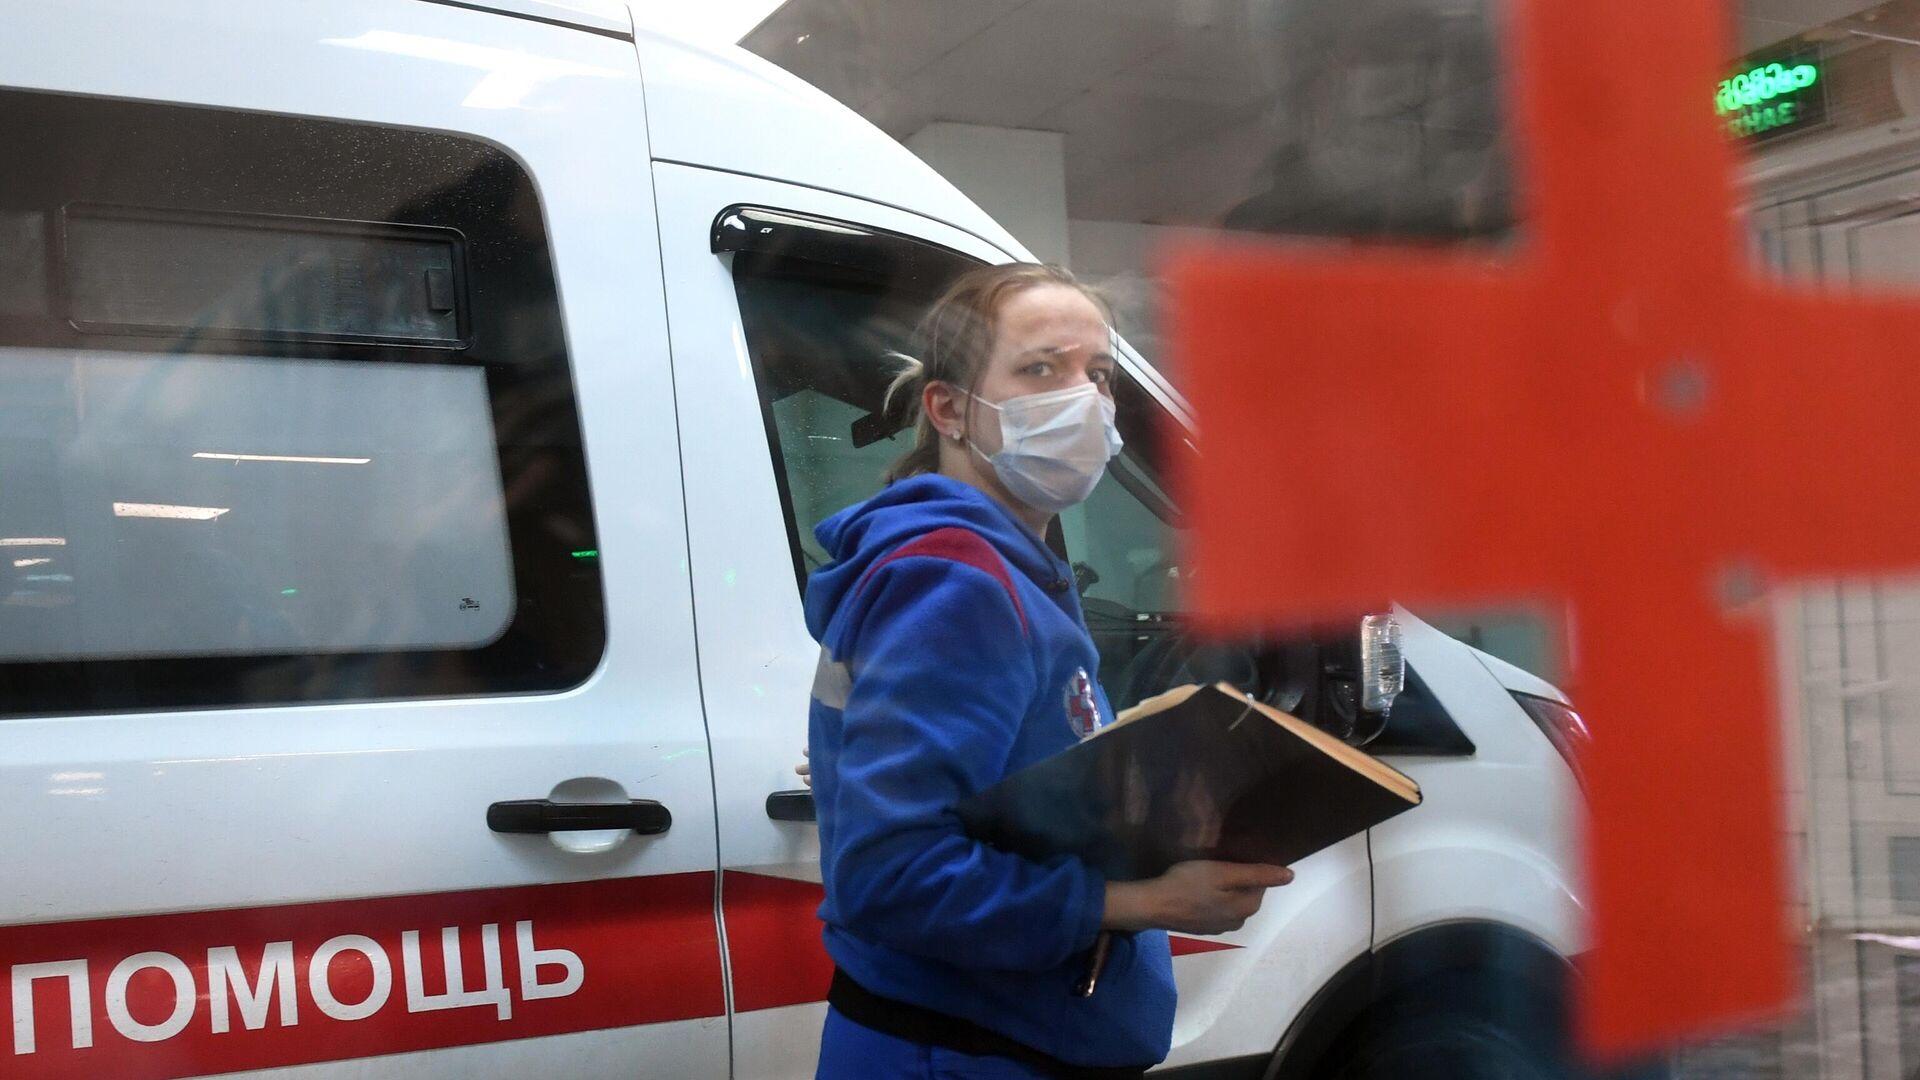 Машина скорой помощи у приемного отделения городской клинической больницы №15 имени О.М. Филатова - РИА Новости, 1920, 19.04.2021